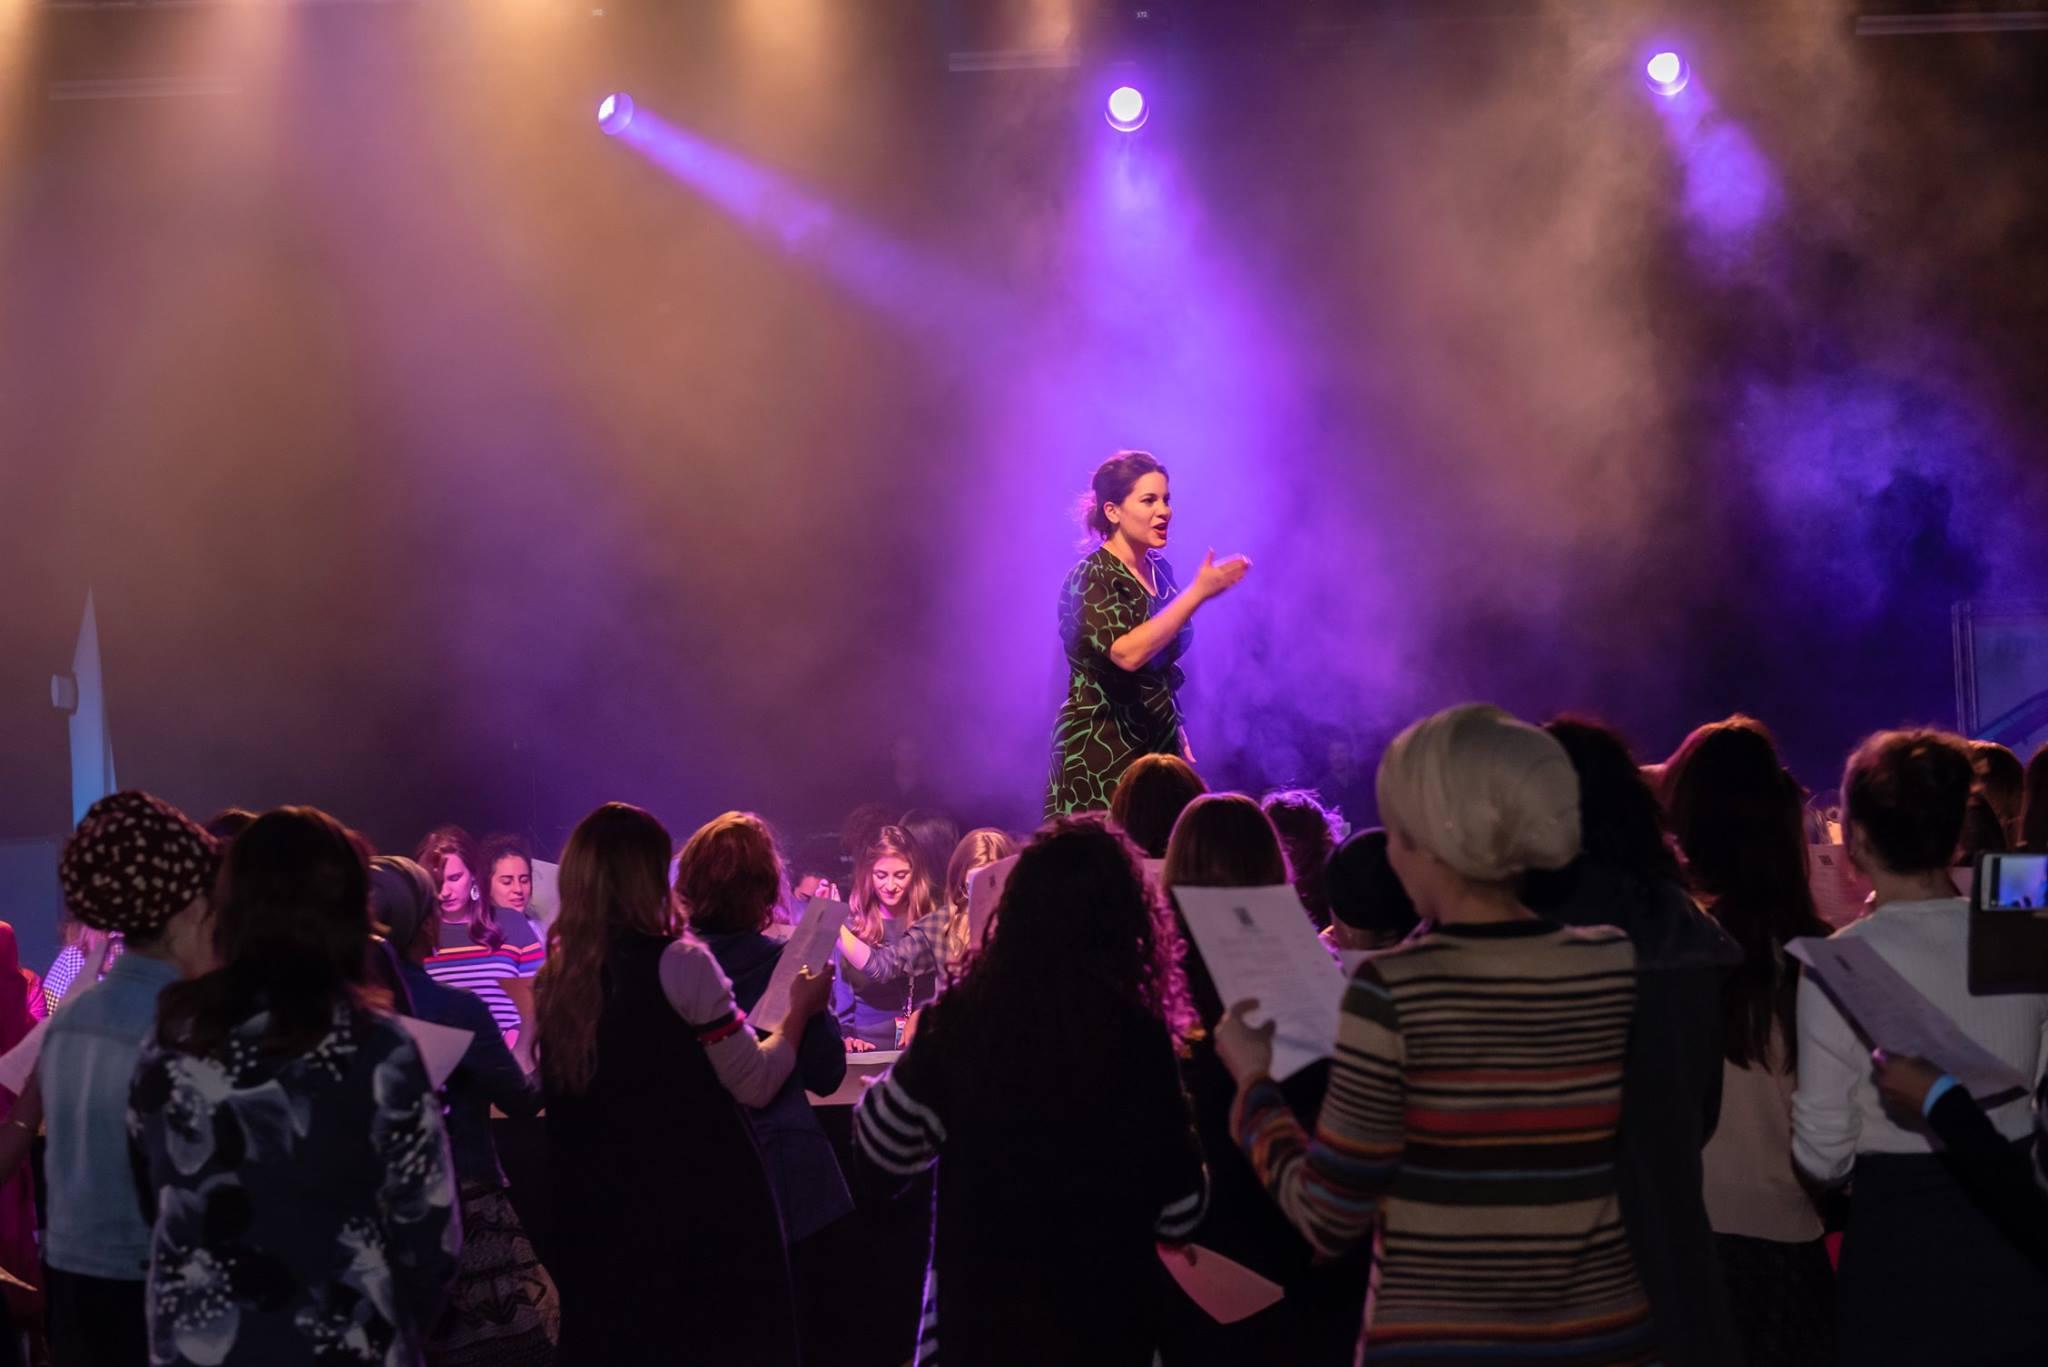 אירוע we_women#: כישלון ידוע מראש או הצלחה חרדית-פמיניסטית? 6